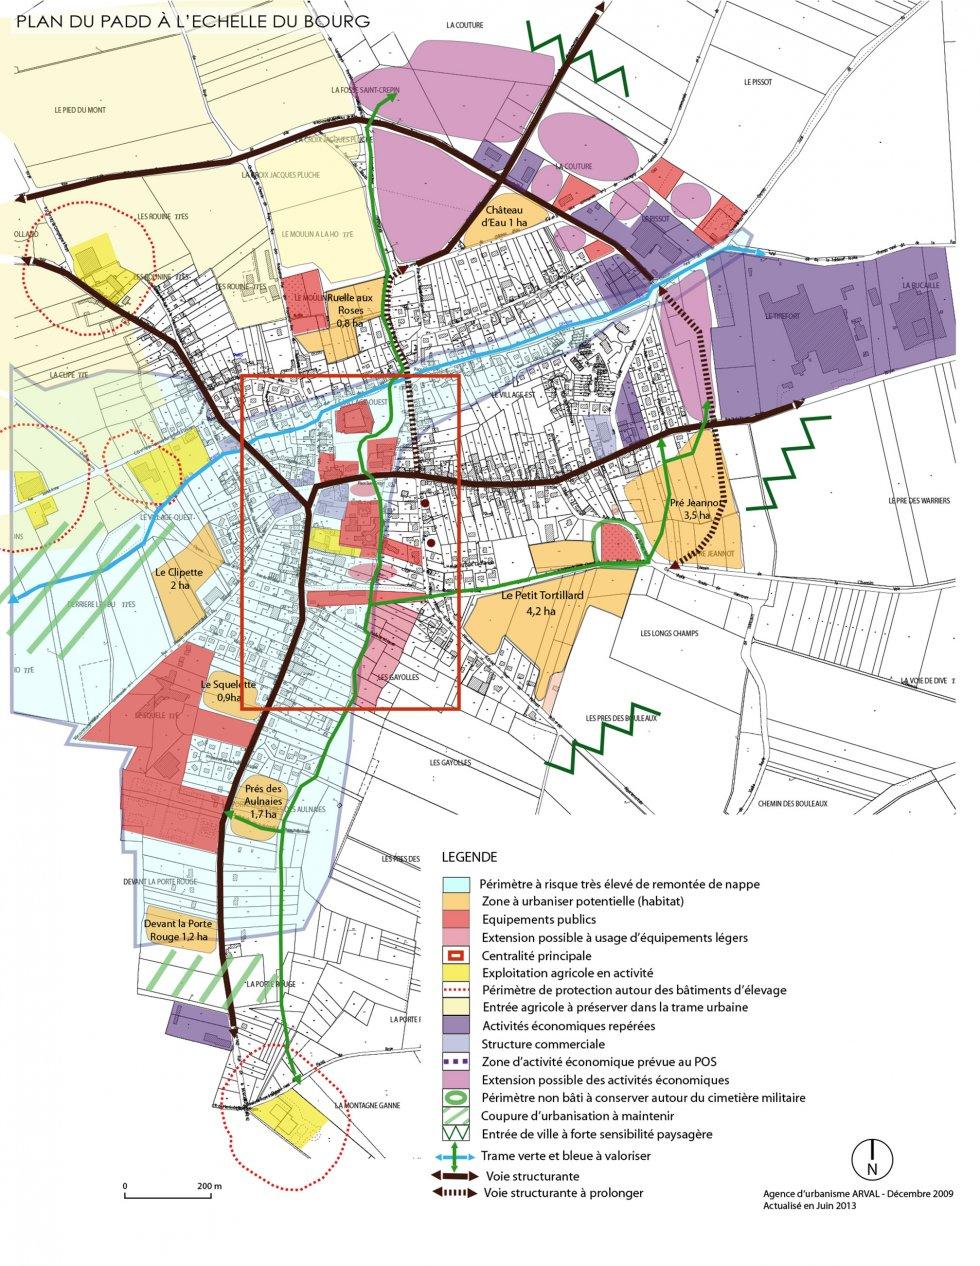 ARVAL architecture - PLAN LOCAL D'URBANISME (PLU) – LASSIGNY (60) - 2 PLU Lassigny carte du PADD à l'échelle du village